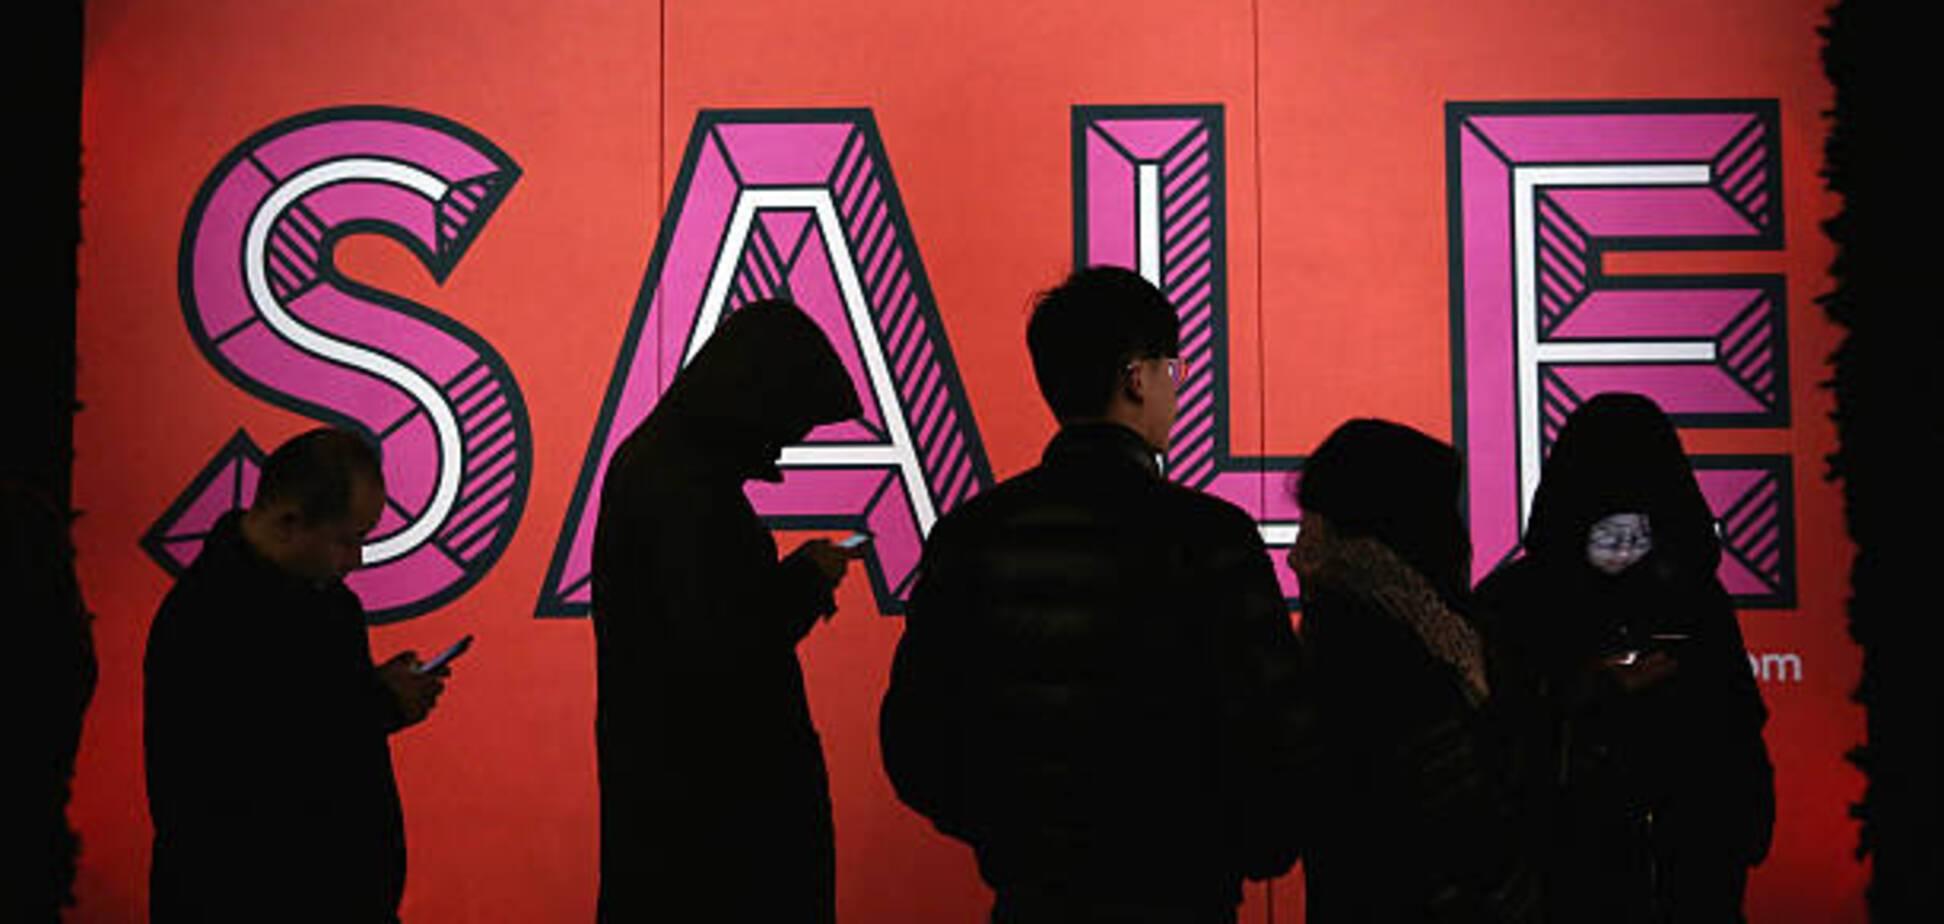 Aliexpress начинает крупную распродажу. Как упали цены